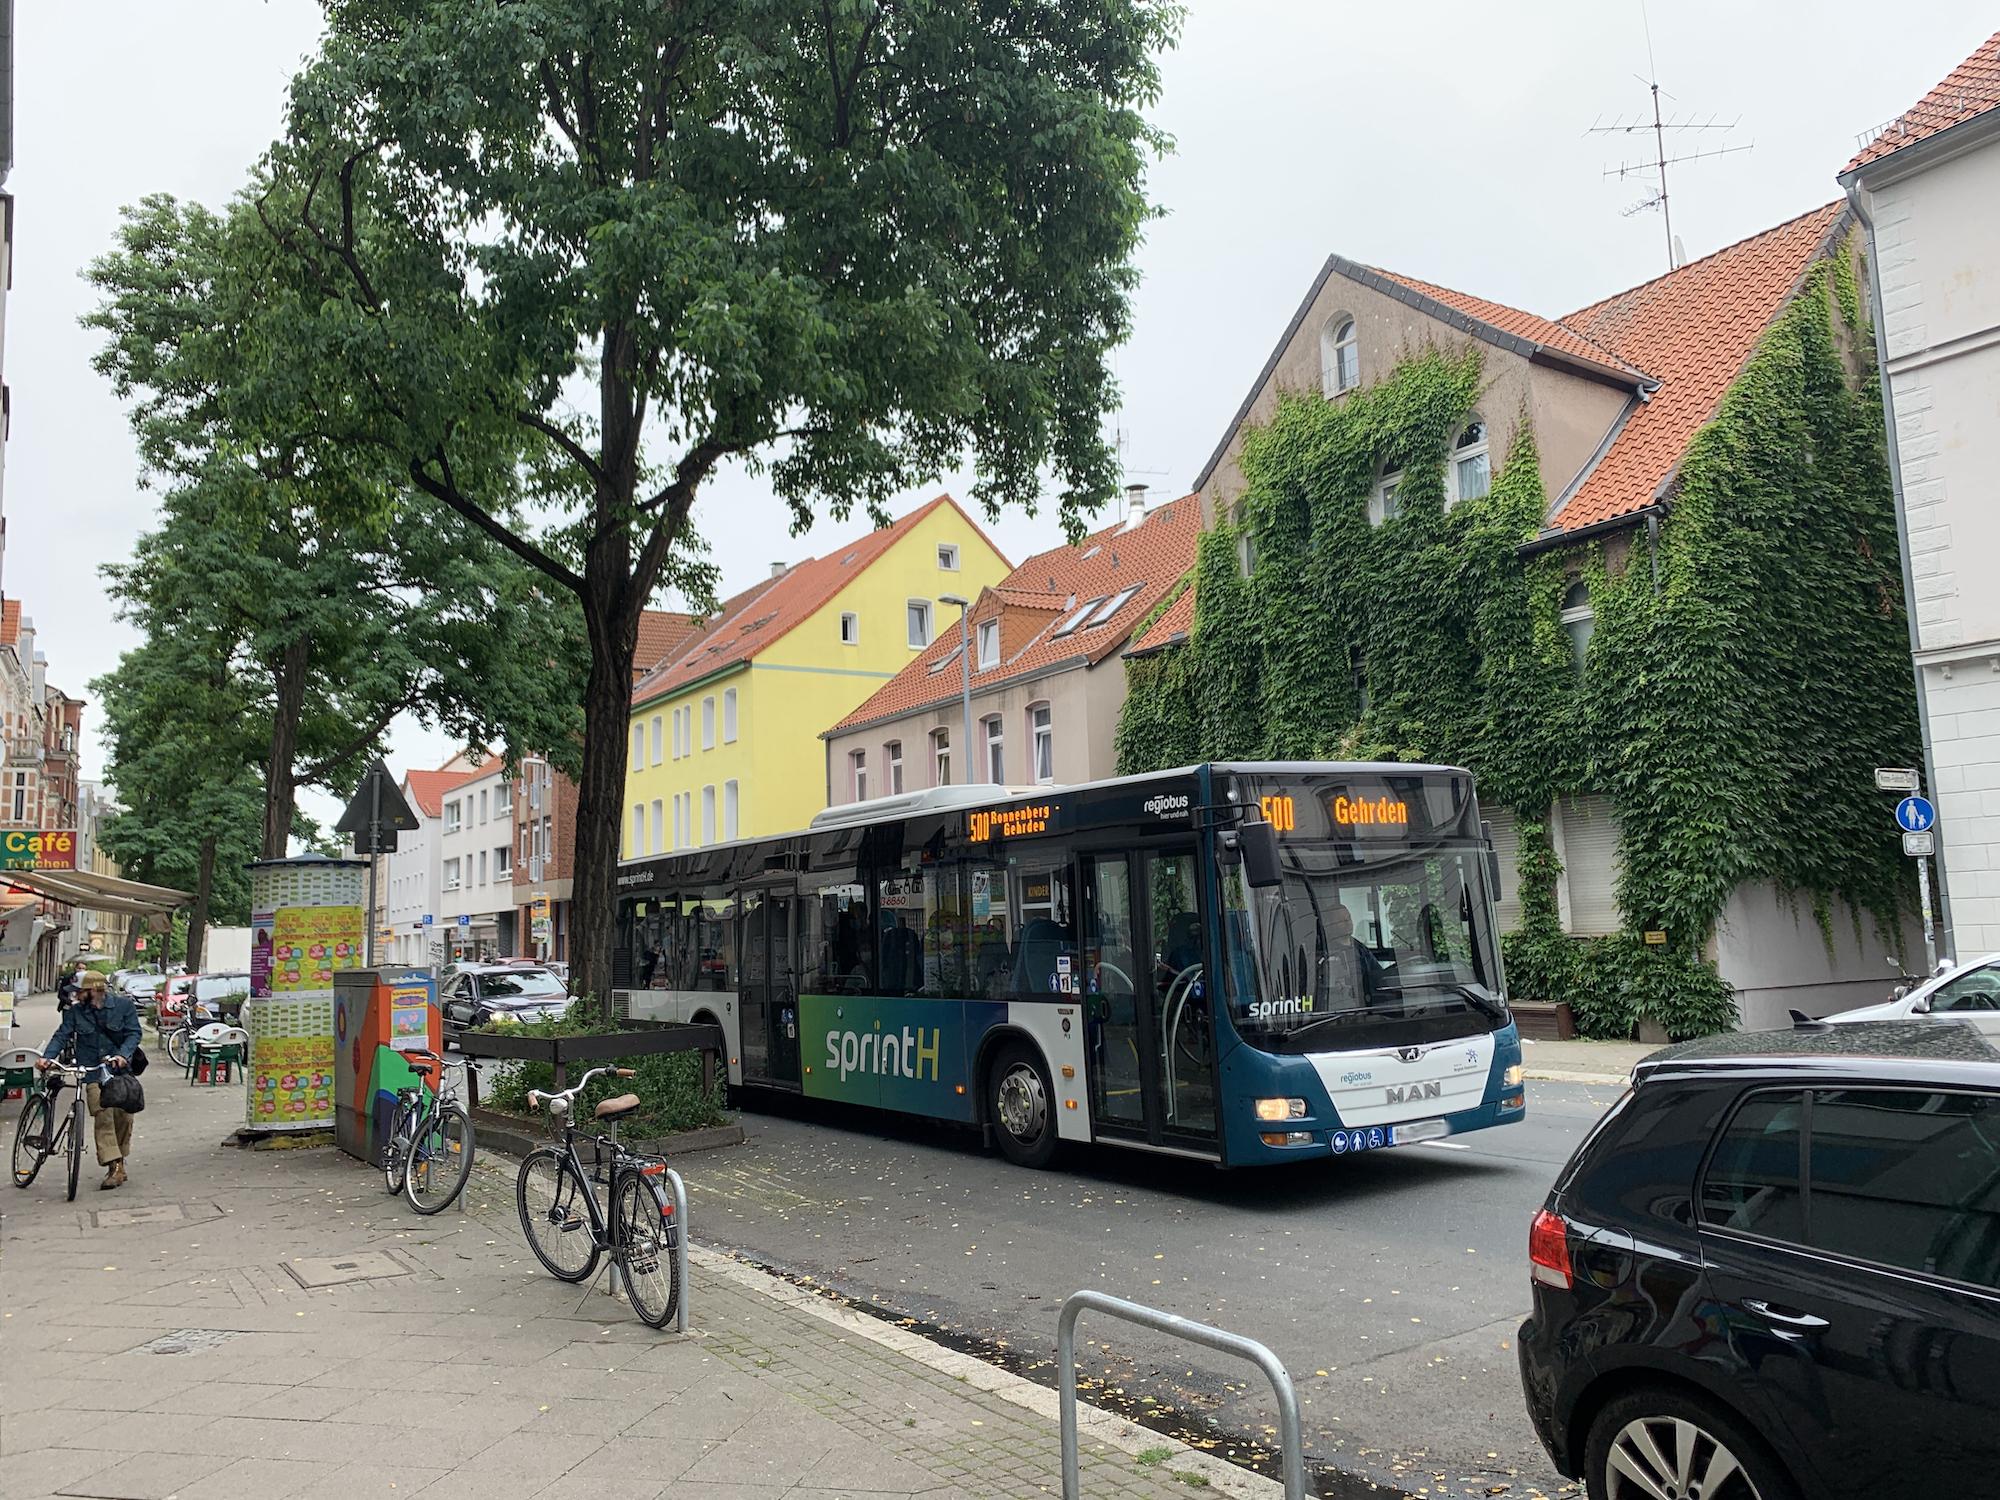 Bargeldlos in Bussen zahlen - Einstieg wieder vorne möglich